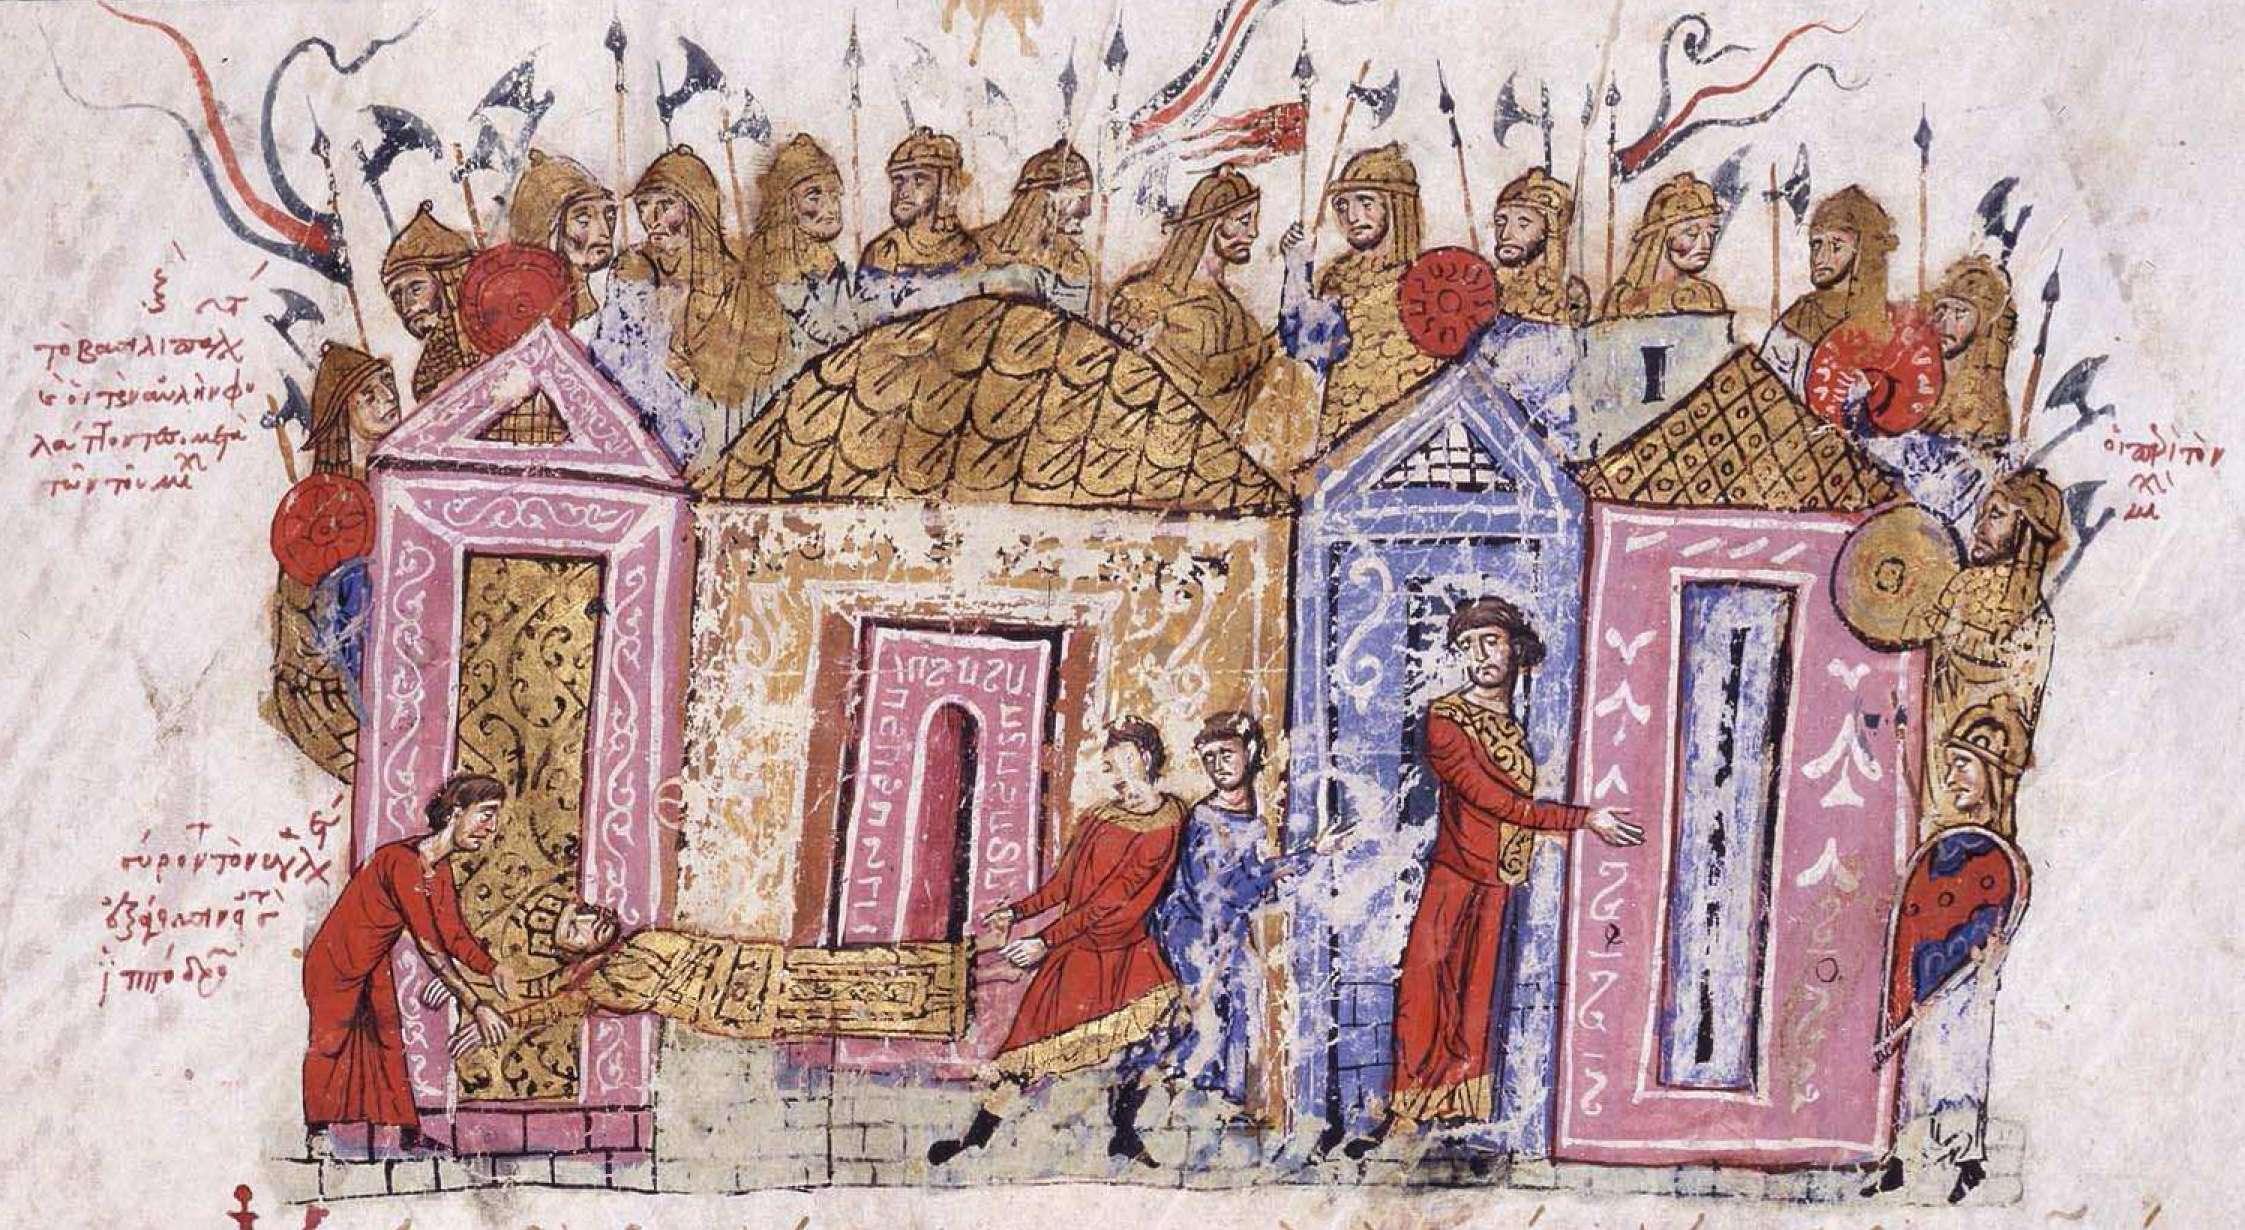 Το Τάγμα των Βαράγγων ή Τάγμα των Βαραγγίων ή και Βαραγγική Φρουρά ήταν μια επίλεκτη μονάδα του Βυζαντινού στρατού, από τον 9ο μέχρι τον 14ο αιώνα, τα μέλη των οποίων υπηρετούσαν ως προσωπική φρουρά των Βυζαντινών Αυτοκρατόρων. Η σύνθεσή τους αποτελούνταν κυρίως από Γερμανικά φύλα, κυρίως Σκανδιναβούς (το Τάγμα συστάθηκε περίπου 200 χρόνια μέσα στην περίοδο των Βίκινγς) και Αγγλοσάξονες από την Αγγλία.